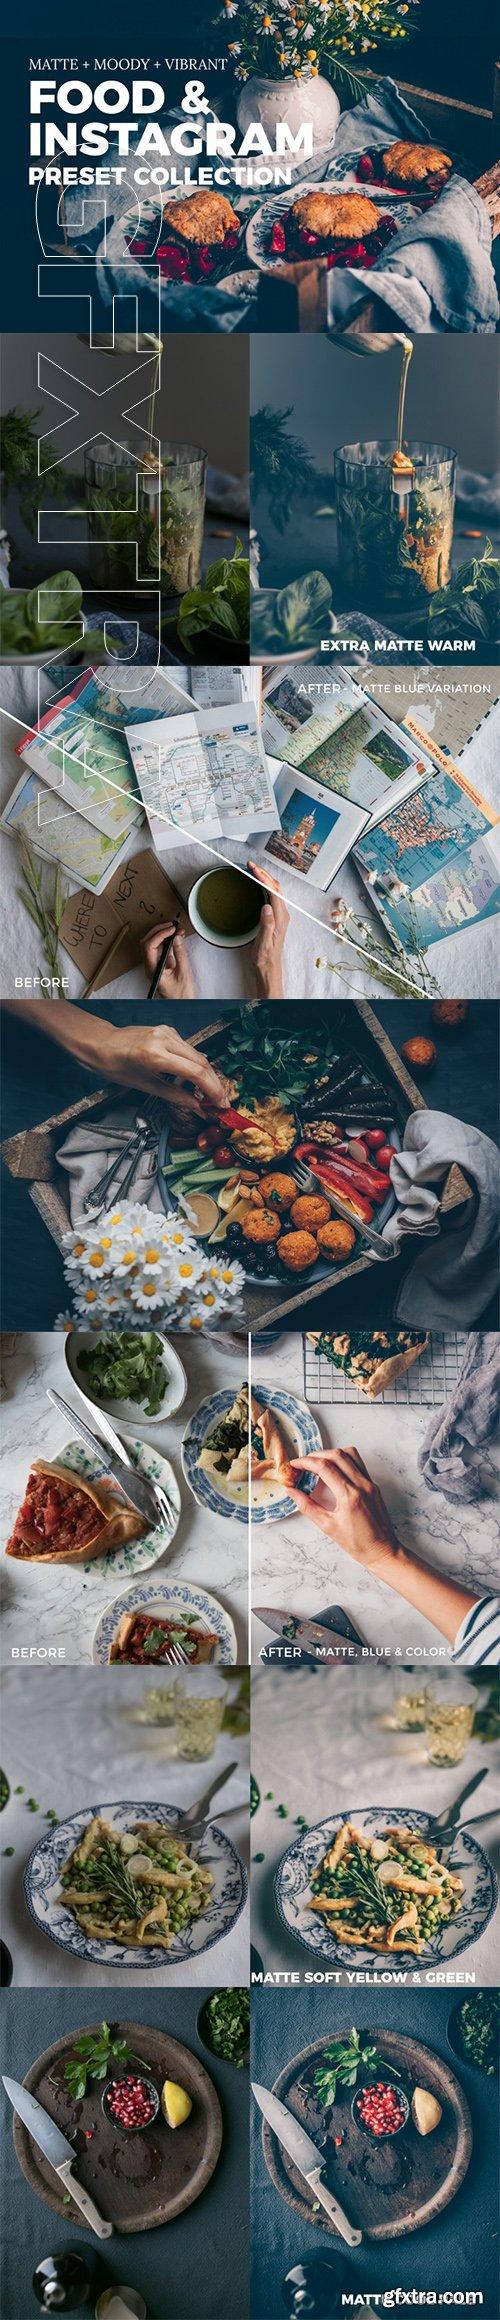 Food & Instagram Lightroom Presets